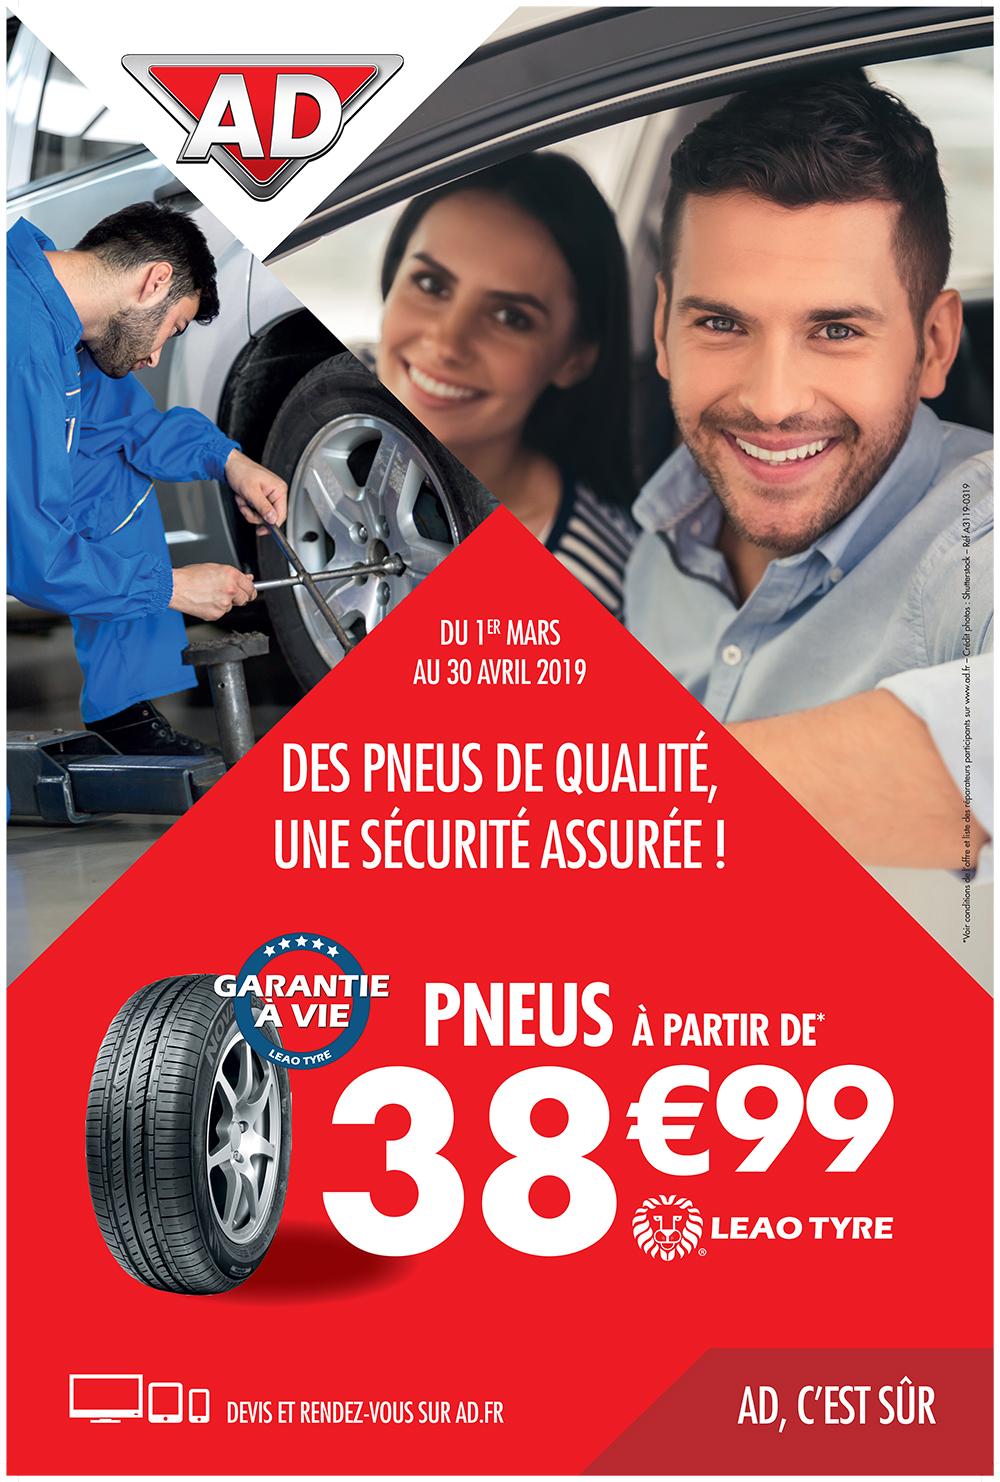 Offre pneumatique LEAO à partir de 38.99 € du 1er mars au 30 avril 2019 au Garage David AD à Saint Fulgent en Vendée